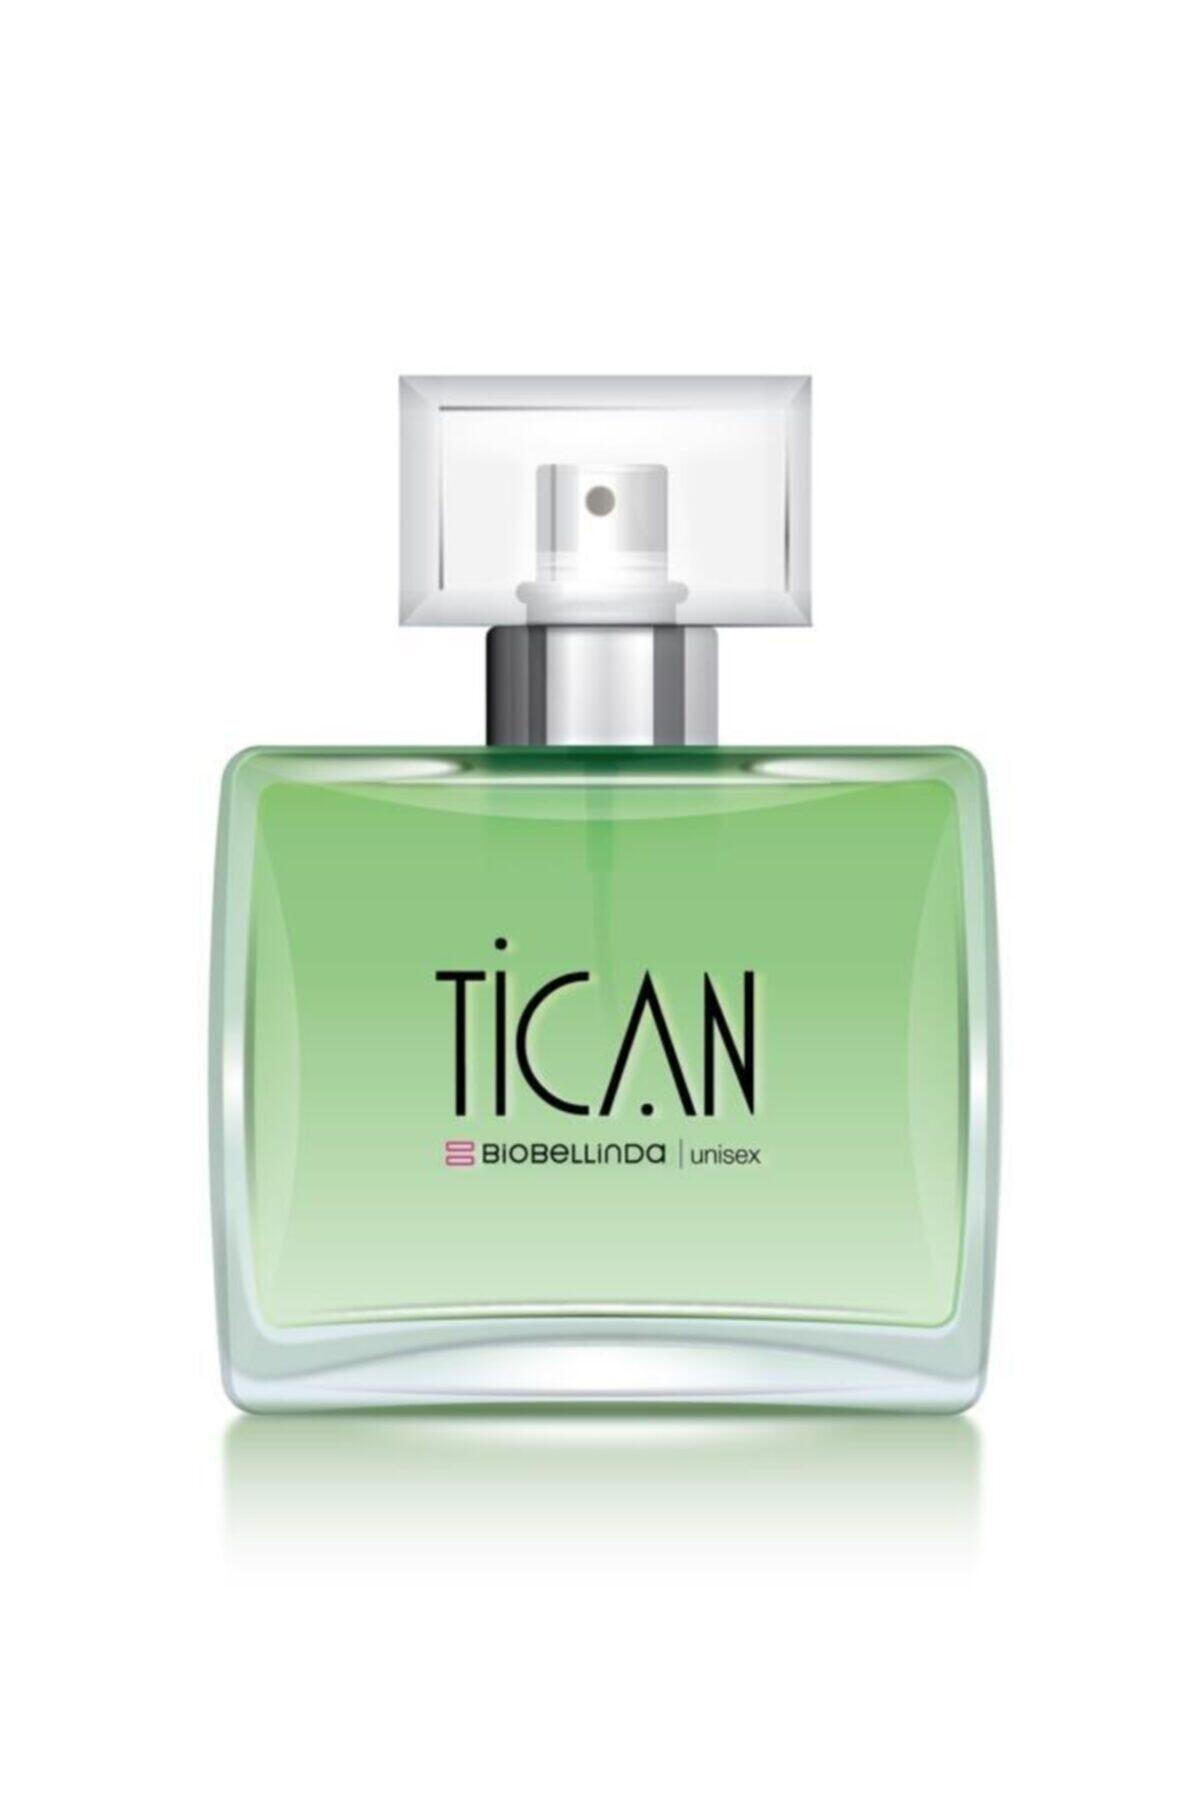 BioBellinda Tican Edp 50 ml Unisex Parfüm 8681554541007 2